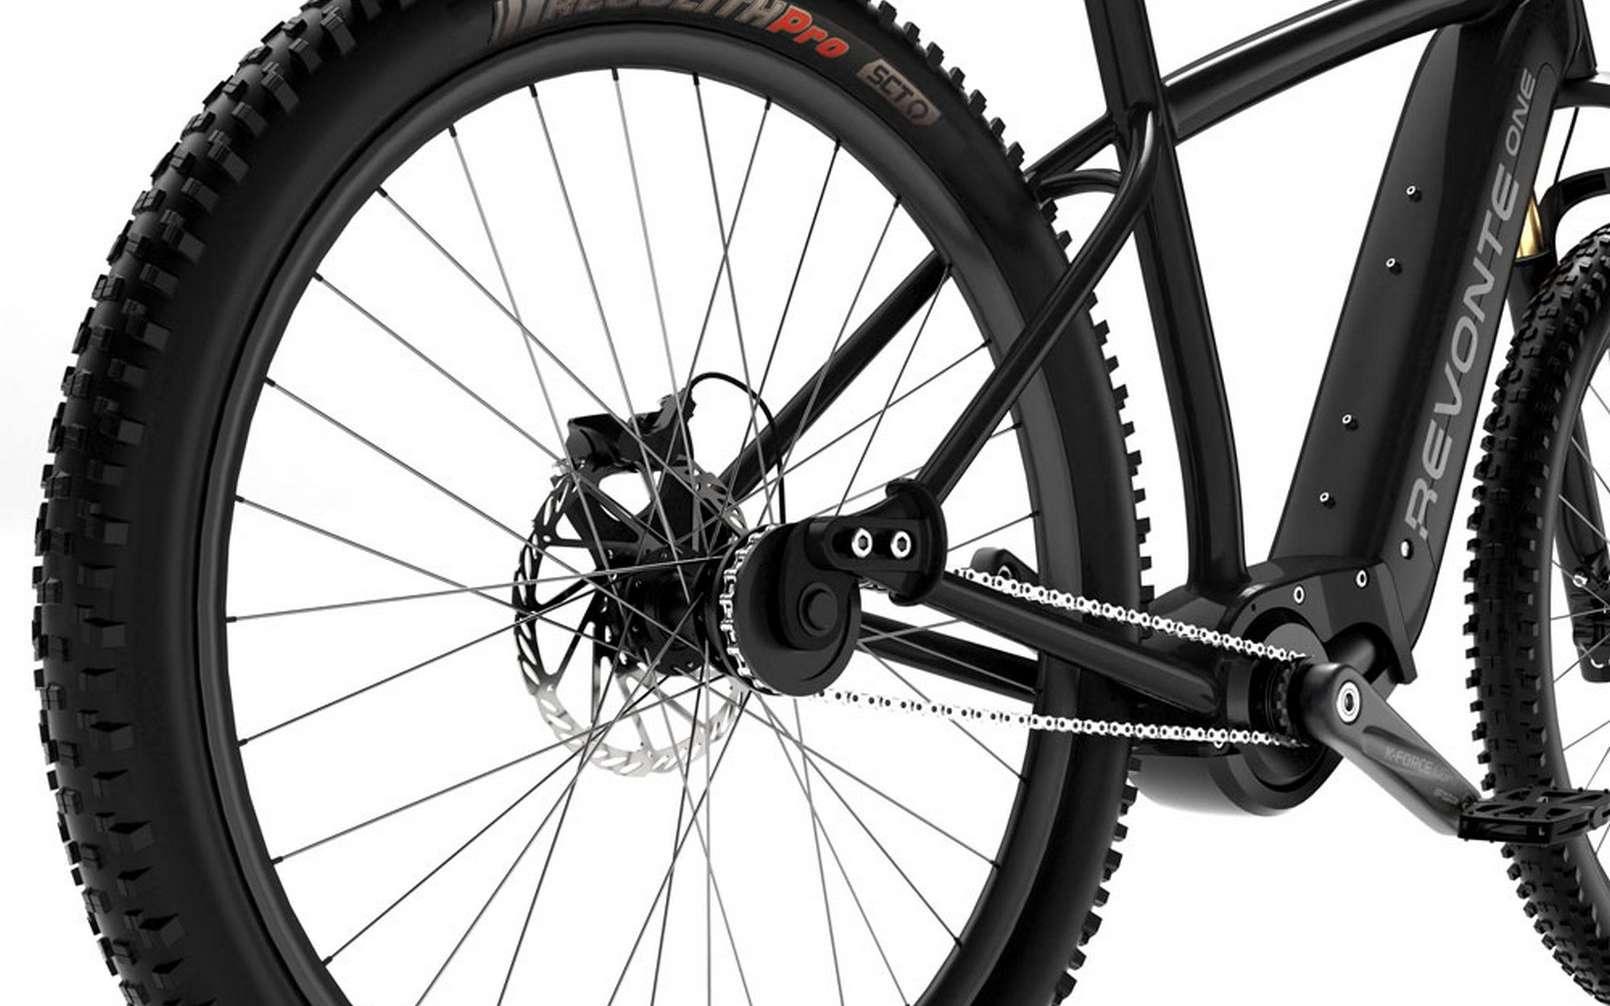 Un vélo électrique équipé du groupe motopropulseur Revonte One sans dérailleur ni cassette. © Revonte